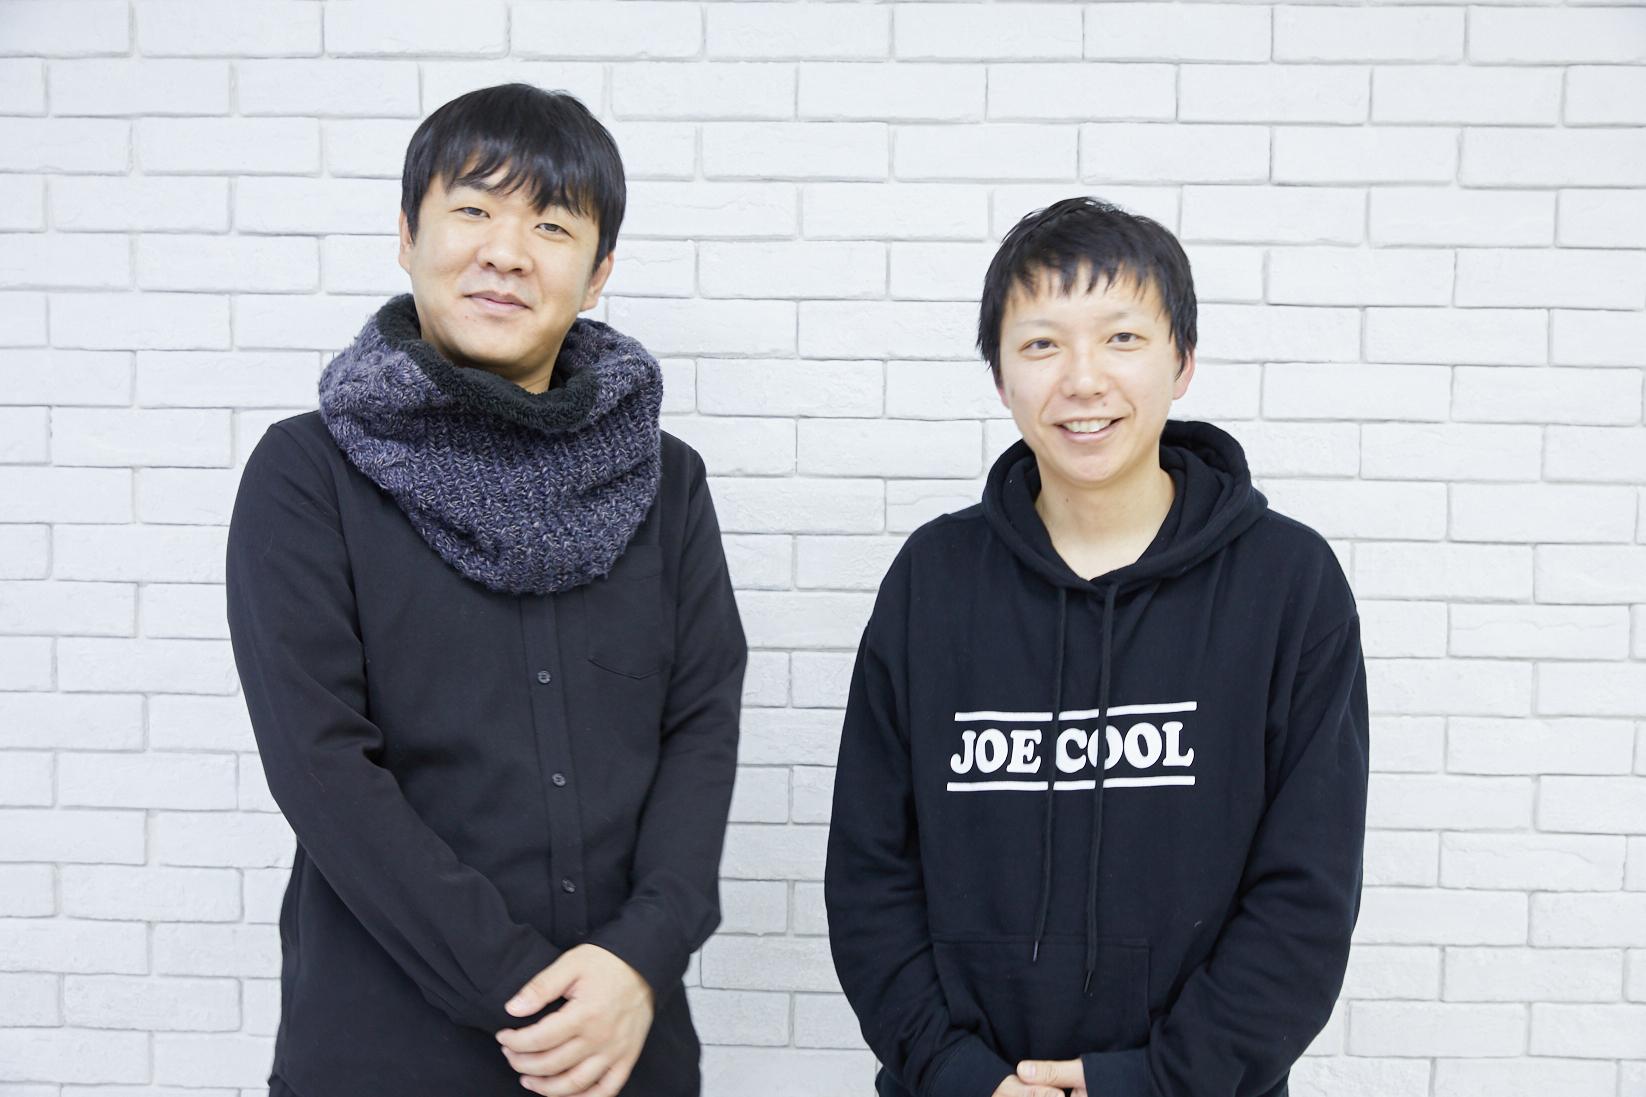 左から、押切蓮介氏(原作者)、内藤瑛亮監督 撮影=岩間辰徳